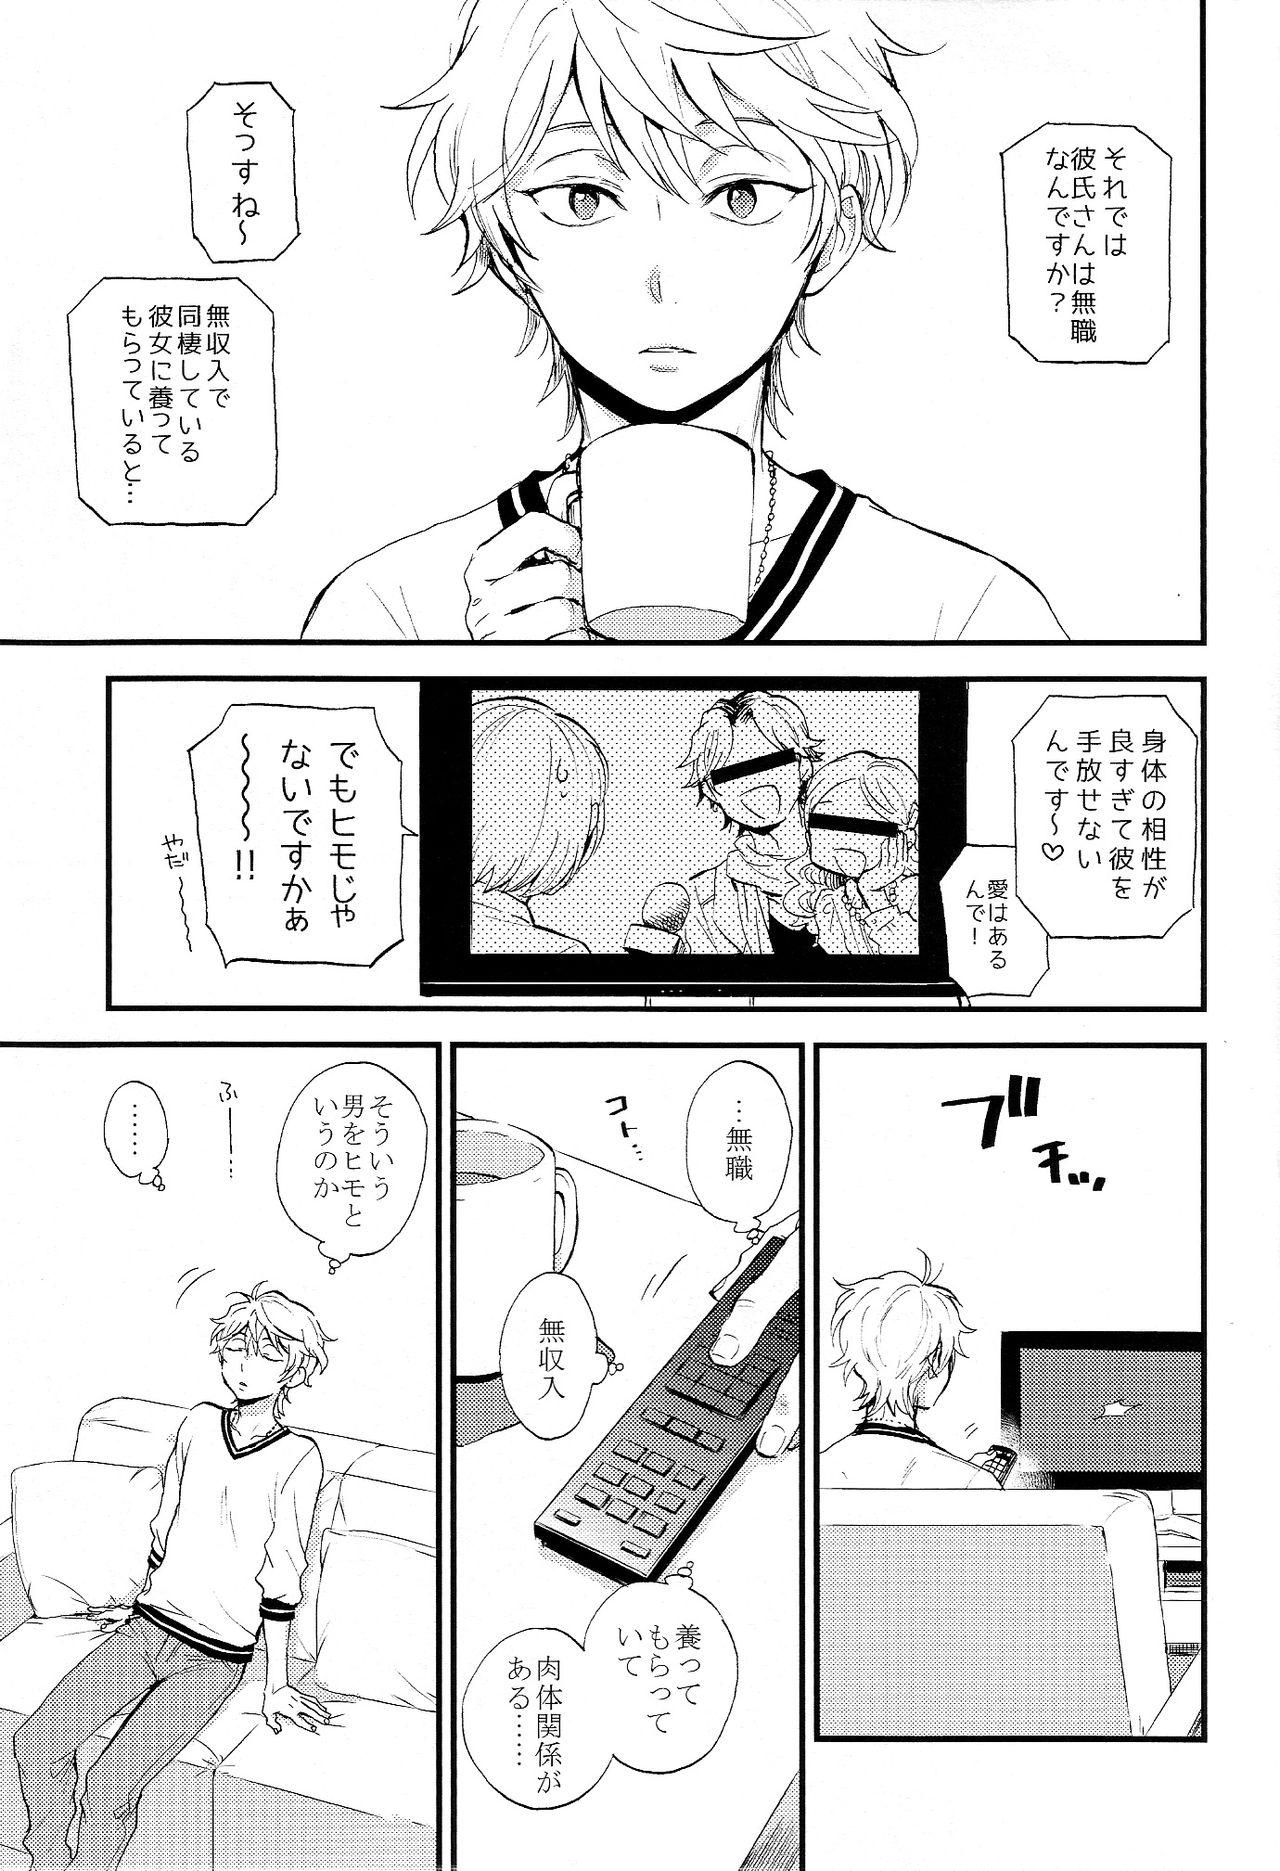 Hakoniwa Life 2